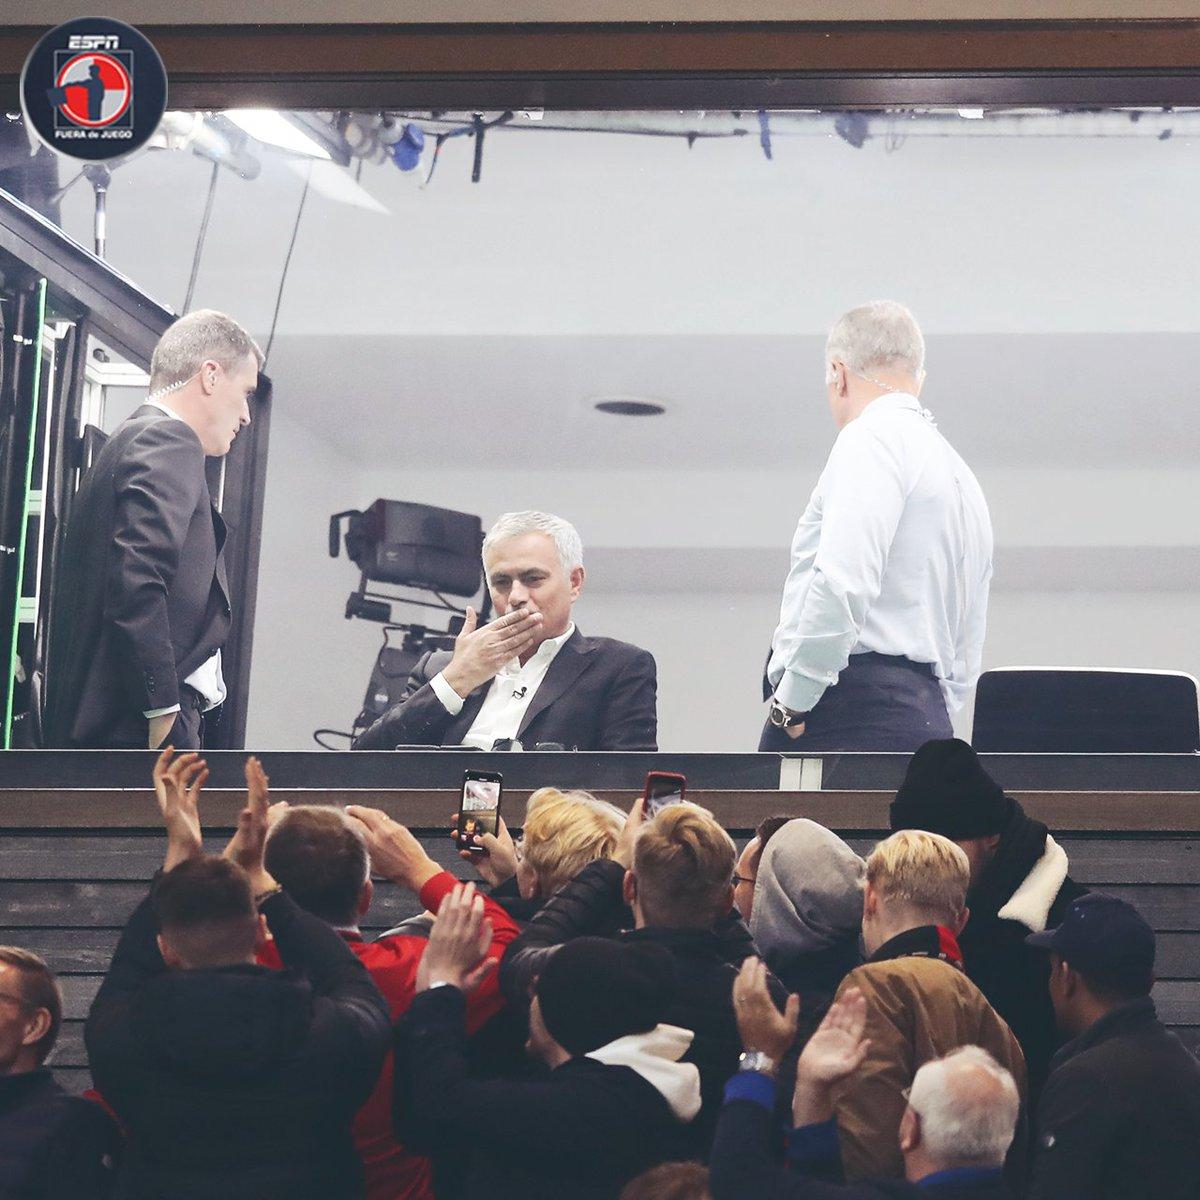 Con cariño de su amigo José Mourinho 😘 Mou robó cámara en el #Manchester vs #Liverpool y dejó una gran postal. ¿Qué título le pondrían? 👀